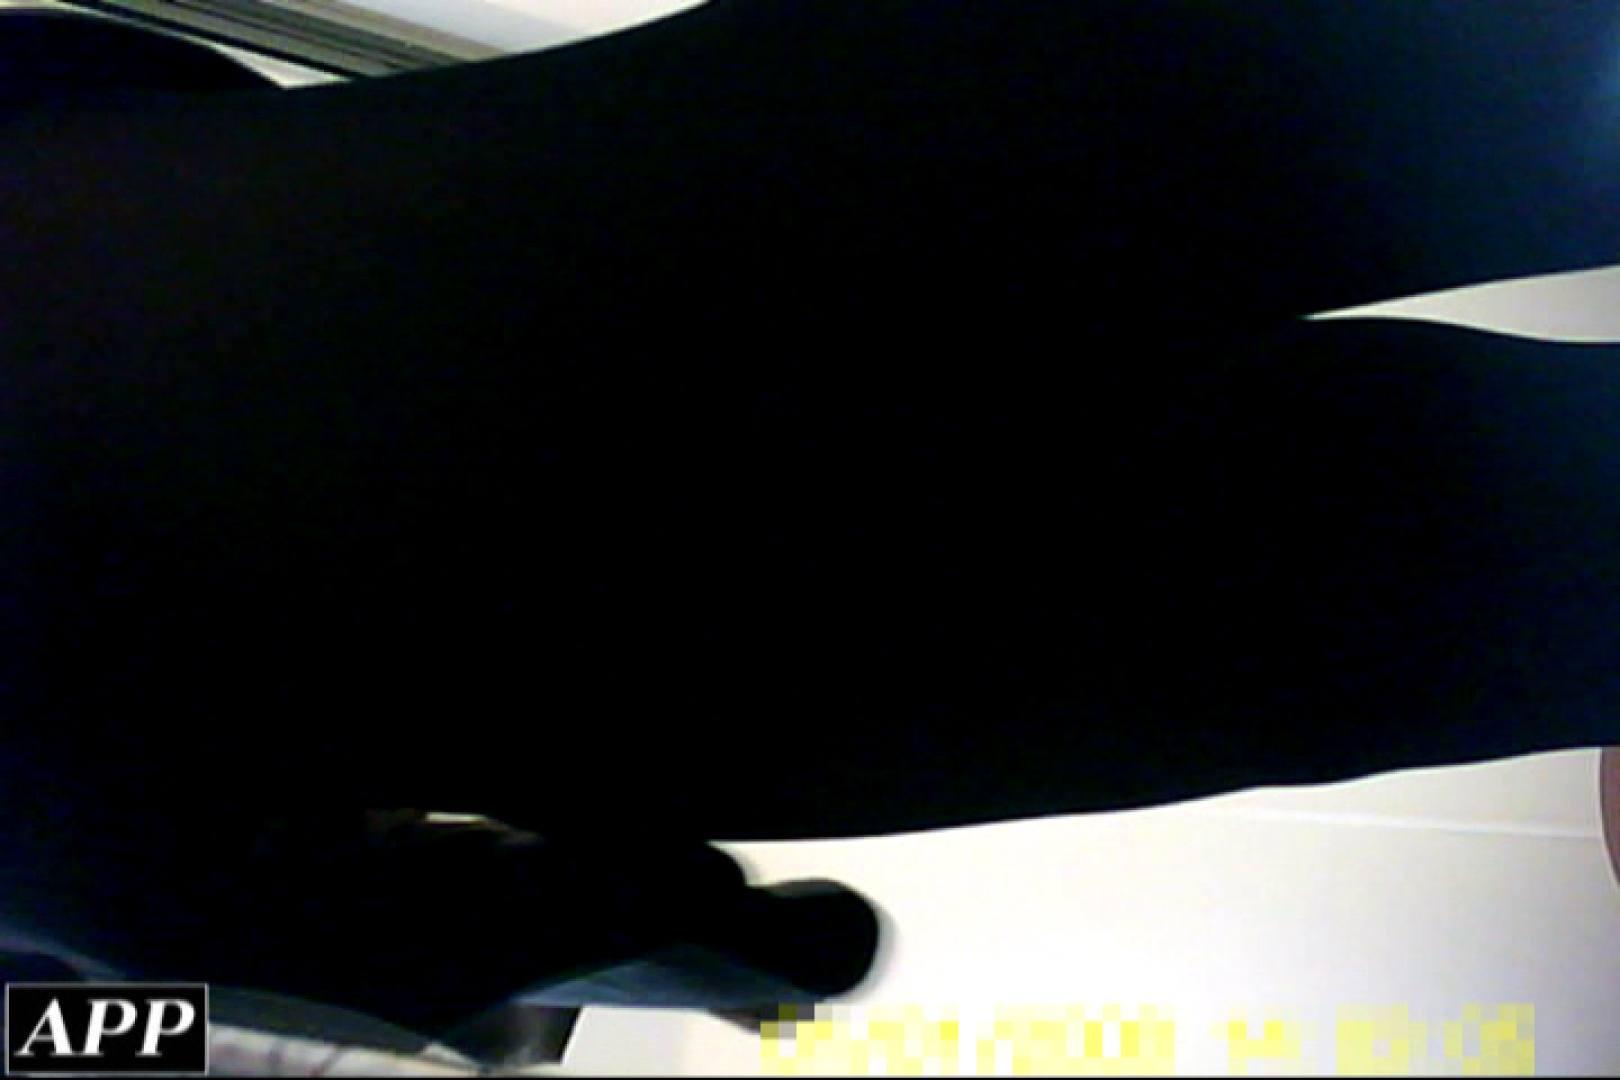 3視点洗面所 vol.115 盗撮大放出 性交動画流出 54連発 3